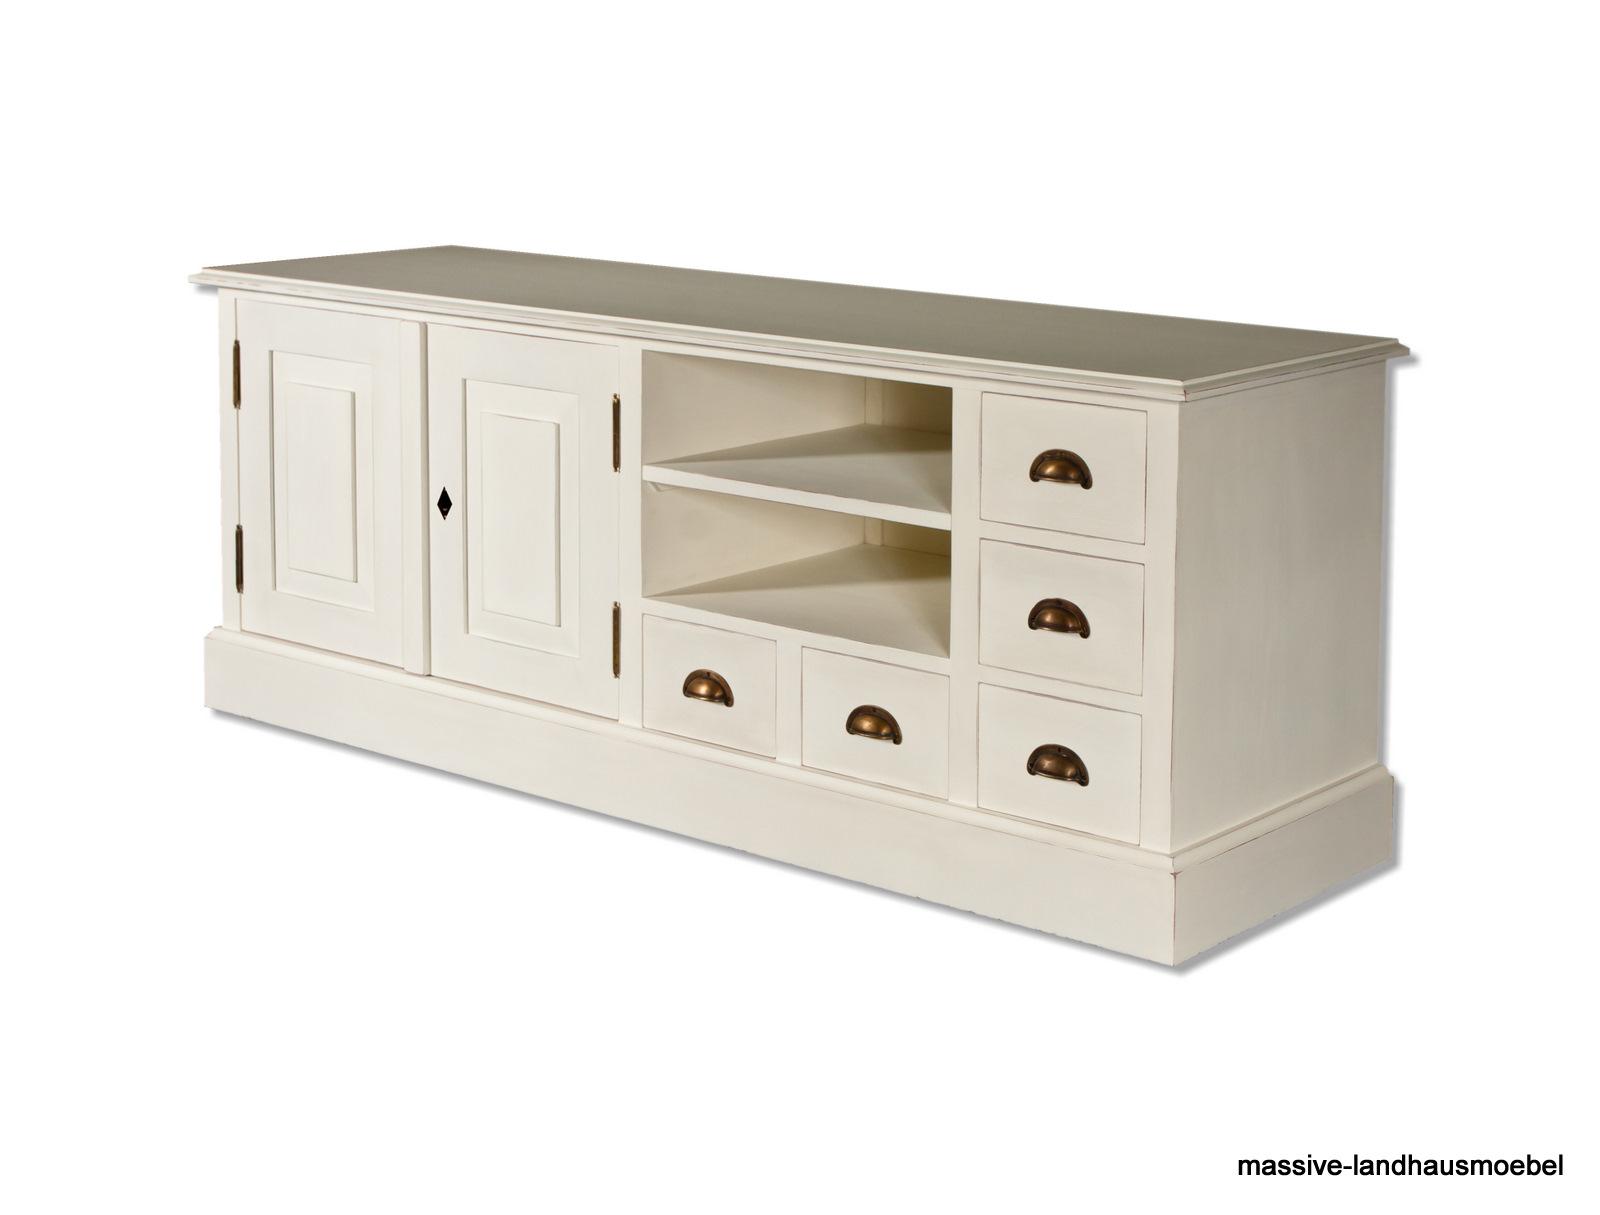 massive landhausm bel 0003 tv anrichte. Black Bedroom Furniture Sets. Home Design Ideas